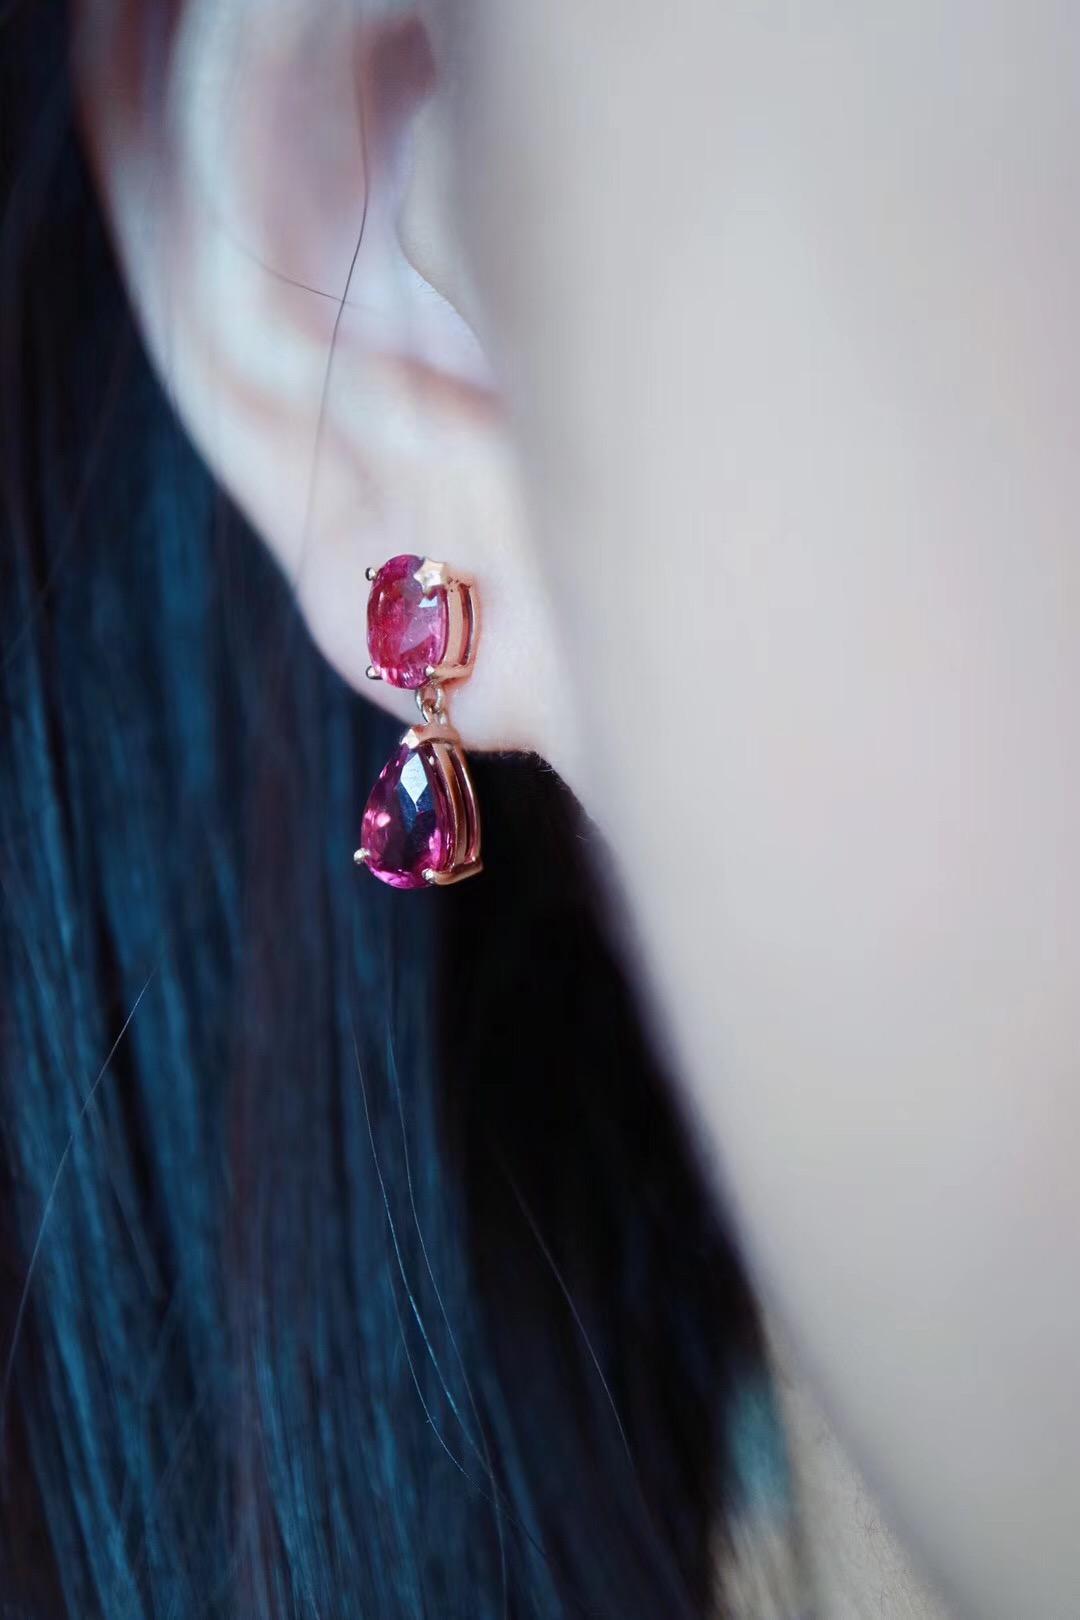 【菩心-红碧玺耳钉】精致的红碧玺耳钉,美人必备。-菩心晶舍